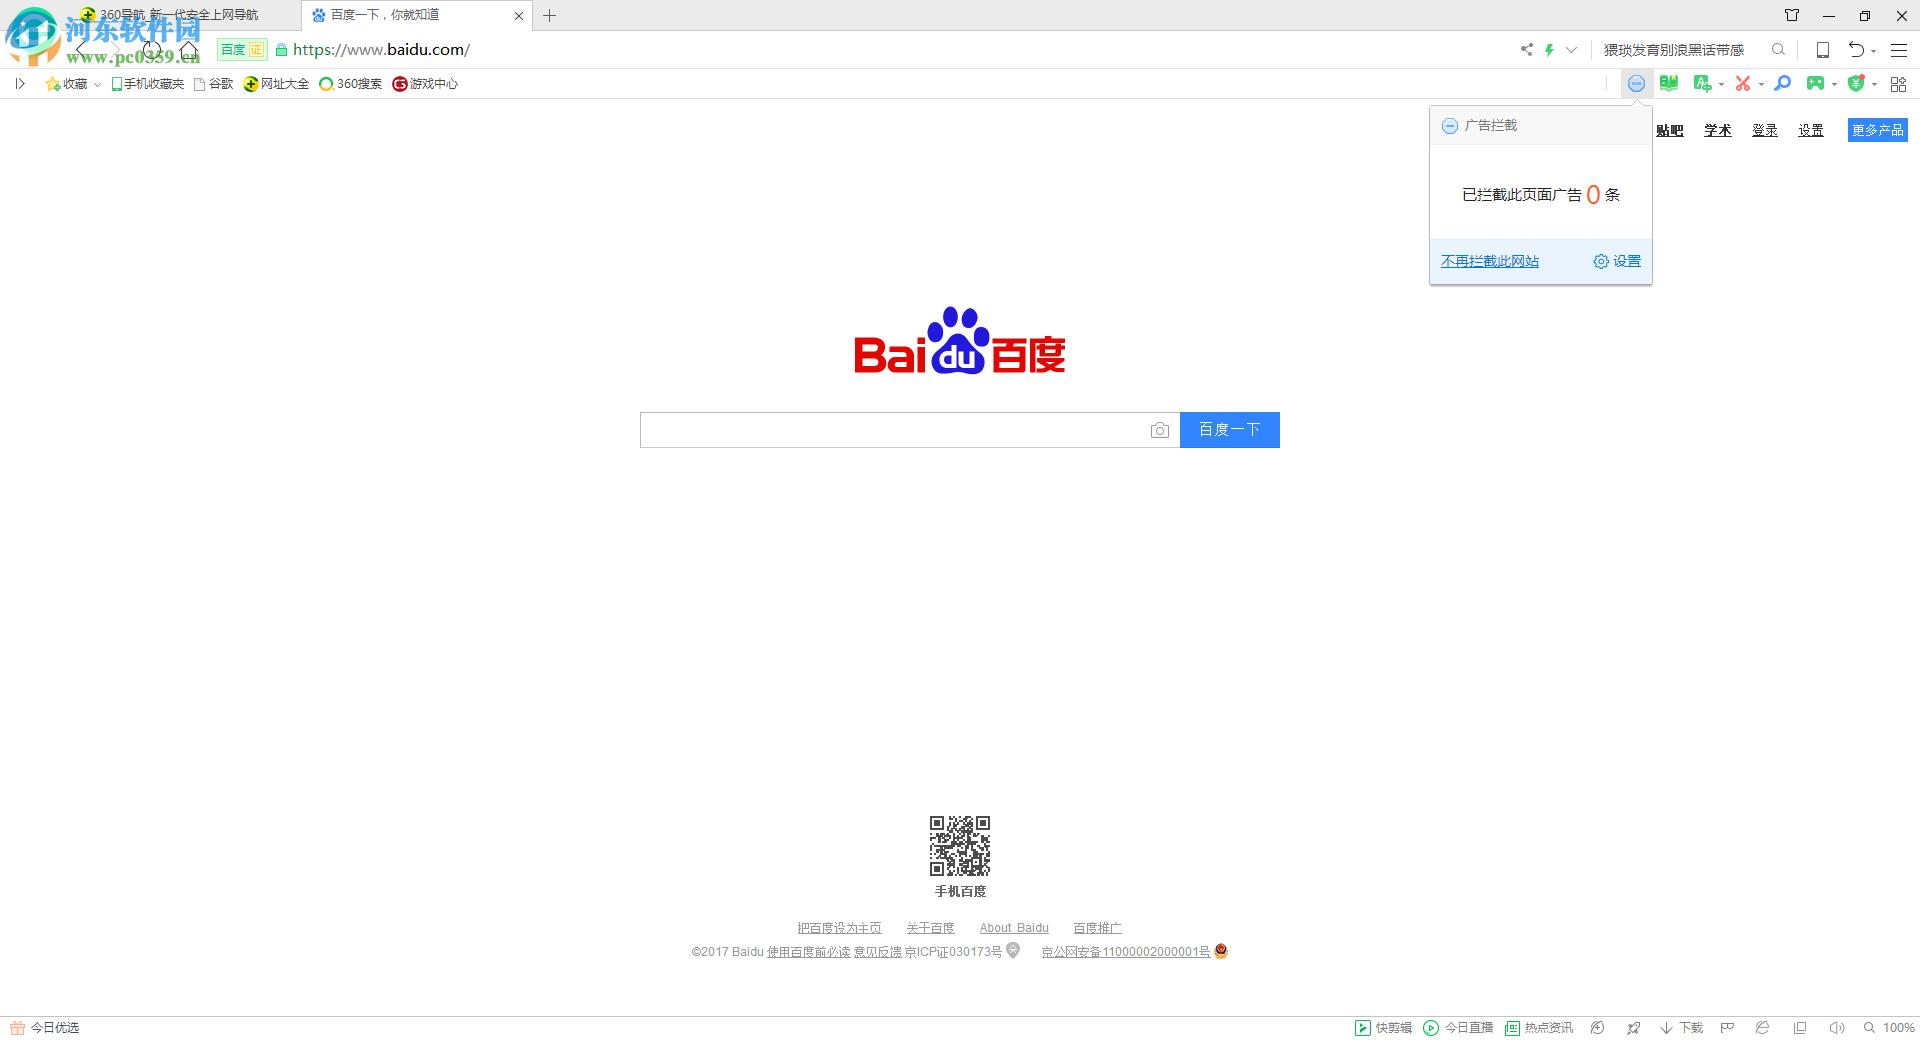 360安全浏览器开启广告拦截的方法